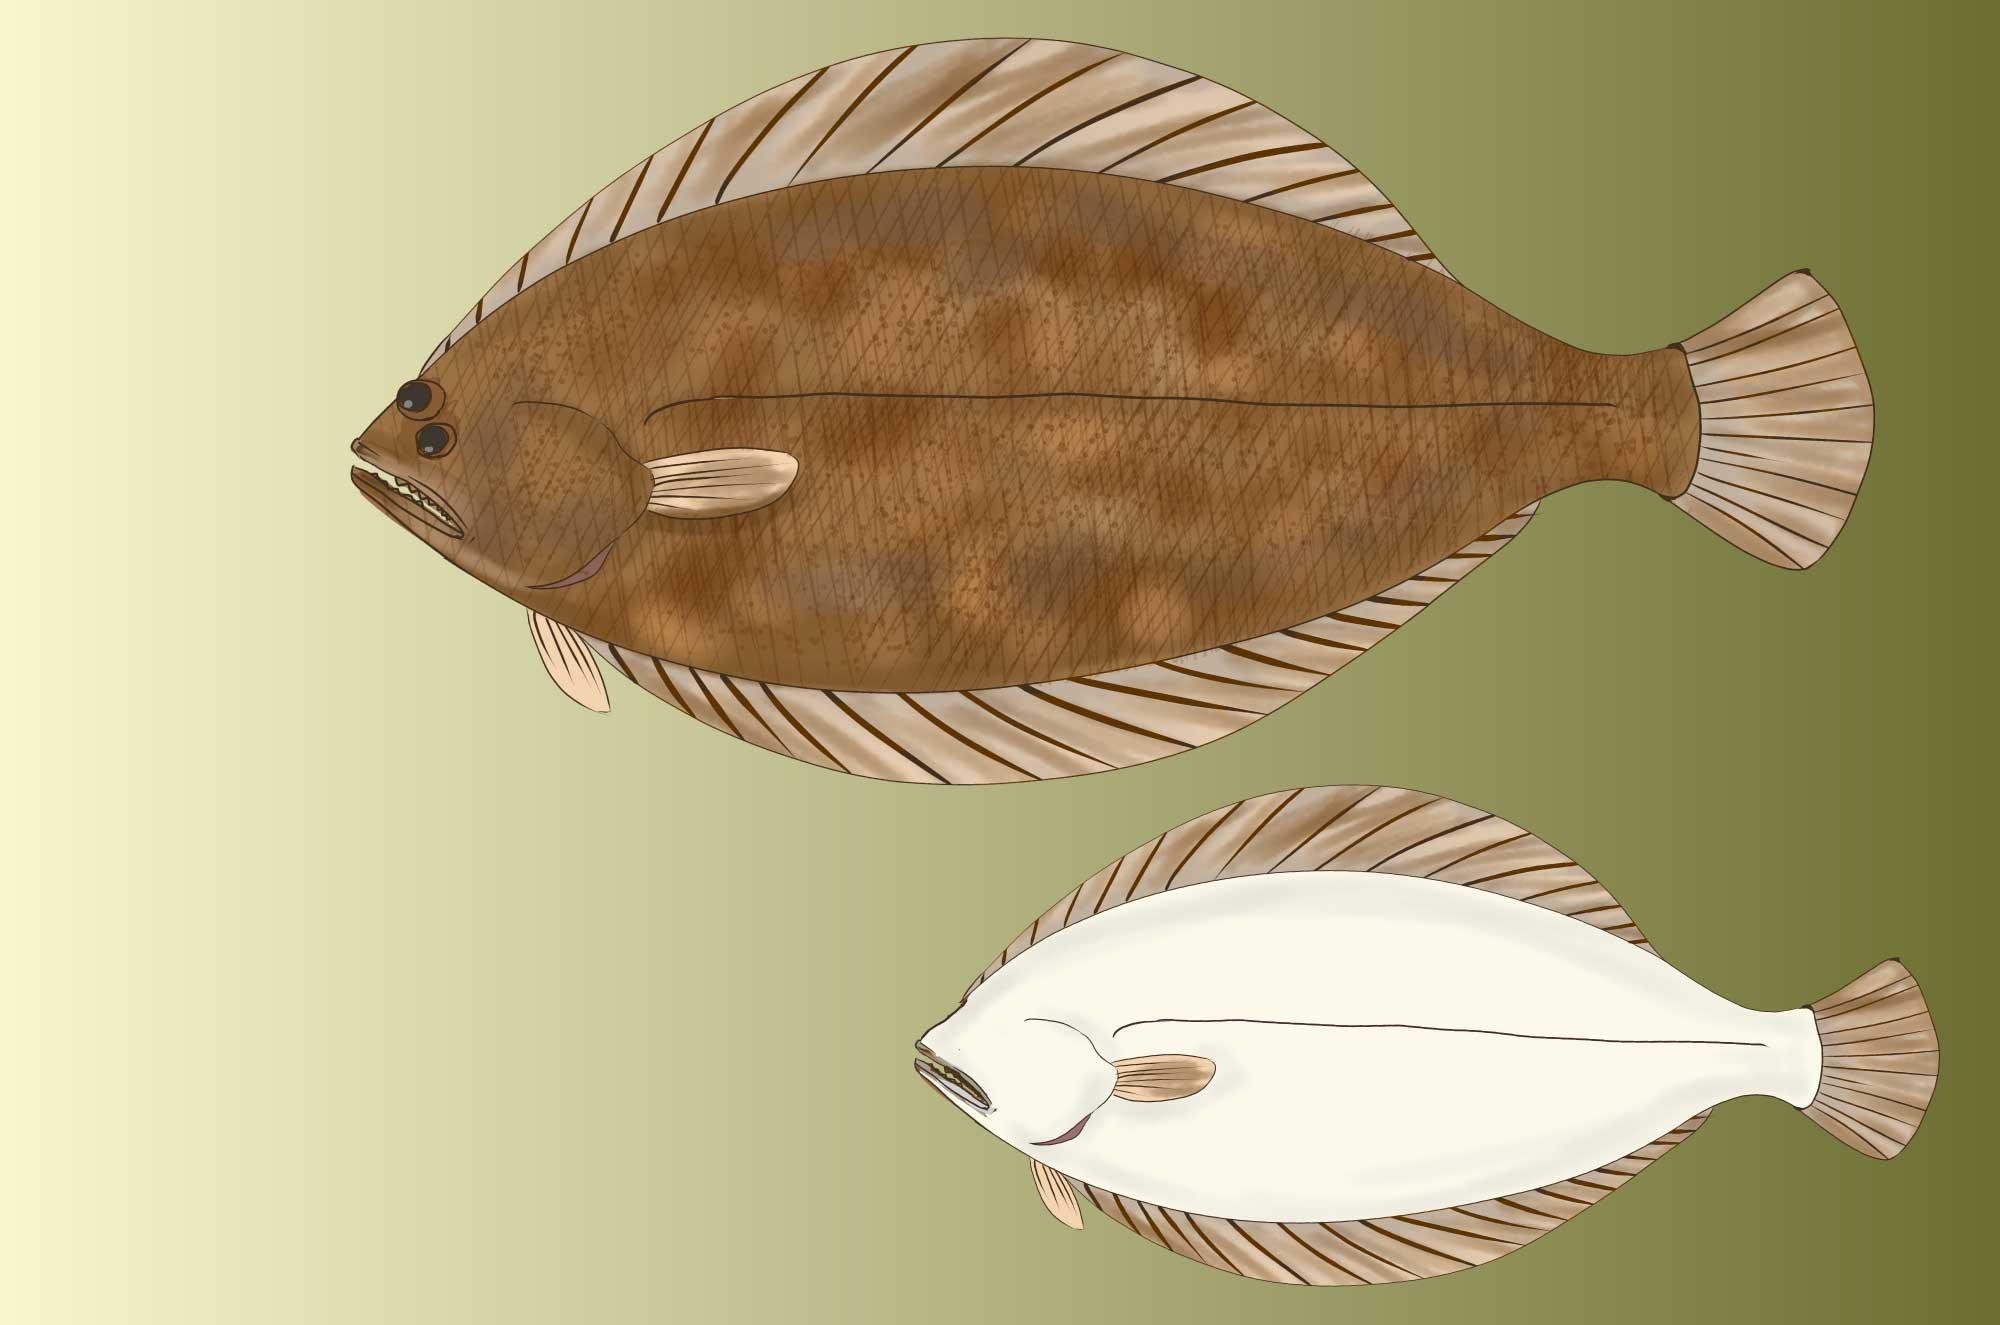 ヒラメのフリーイラスト 無料で使える魚の素材 チコデザ